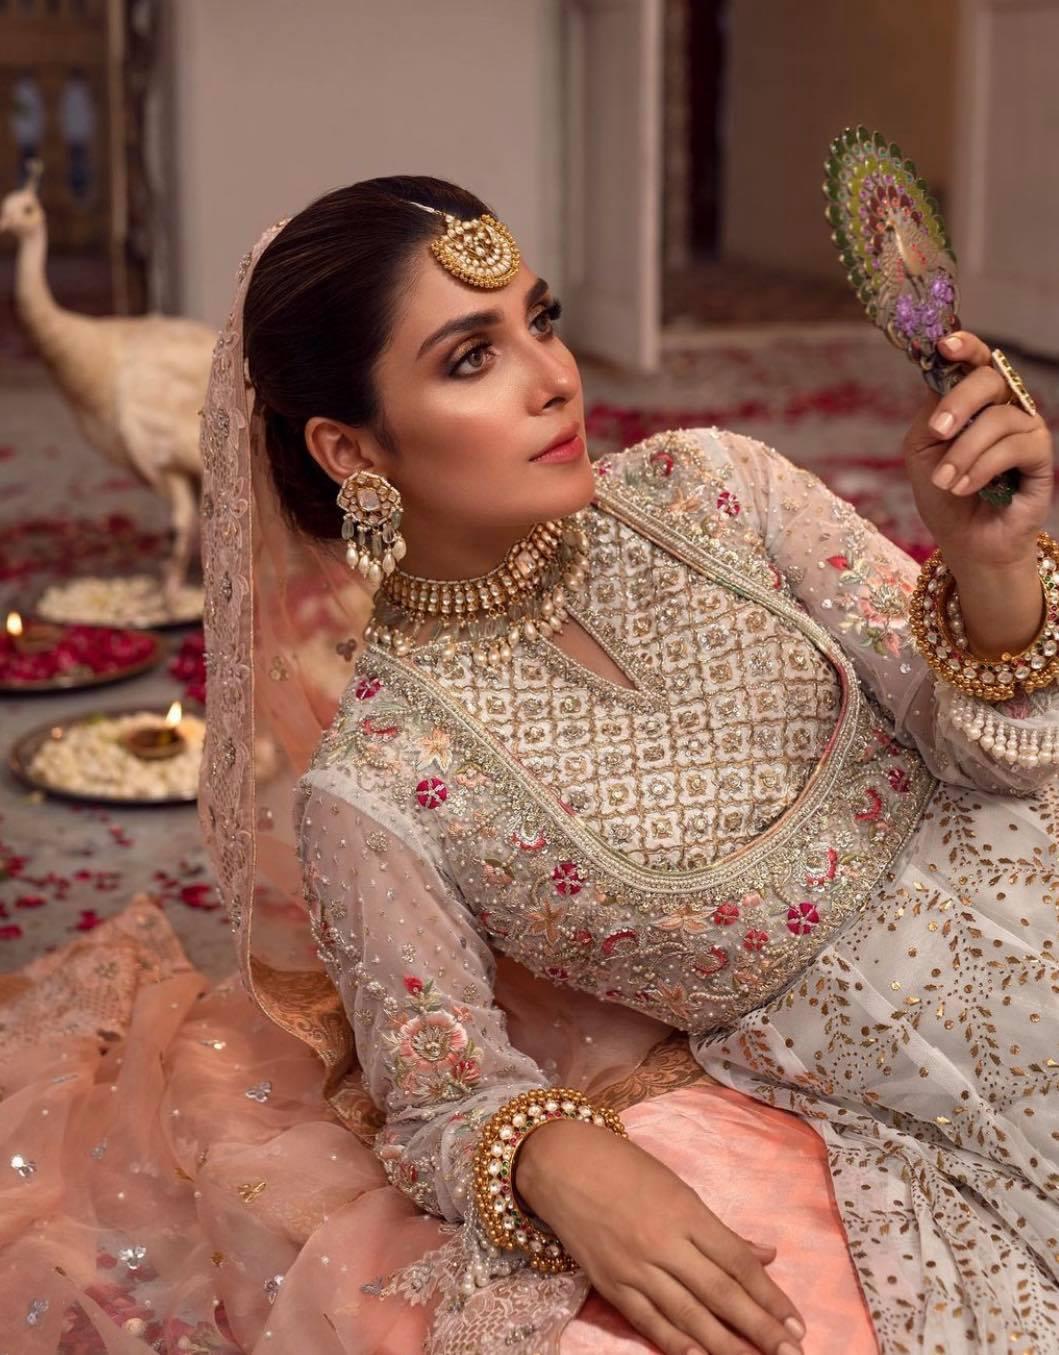 Ayeza Khan's 'Perfect' Image – Fake or Real?